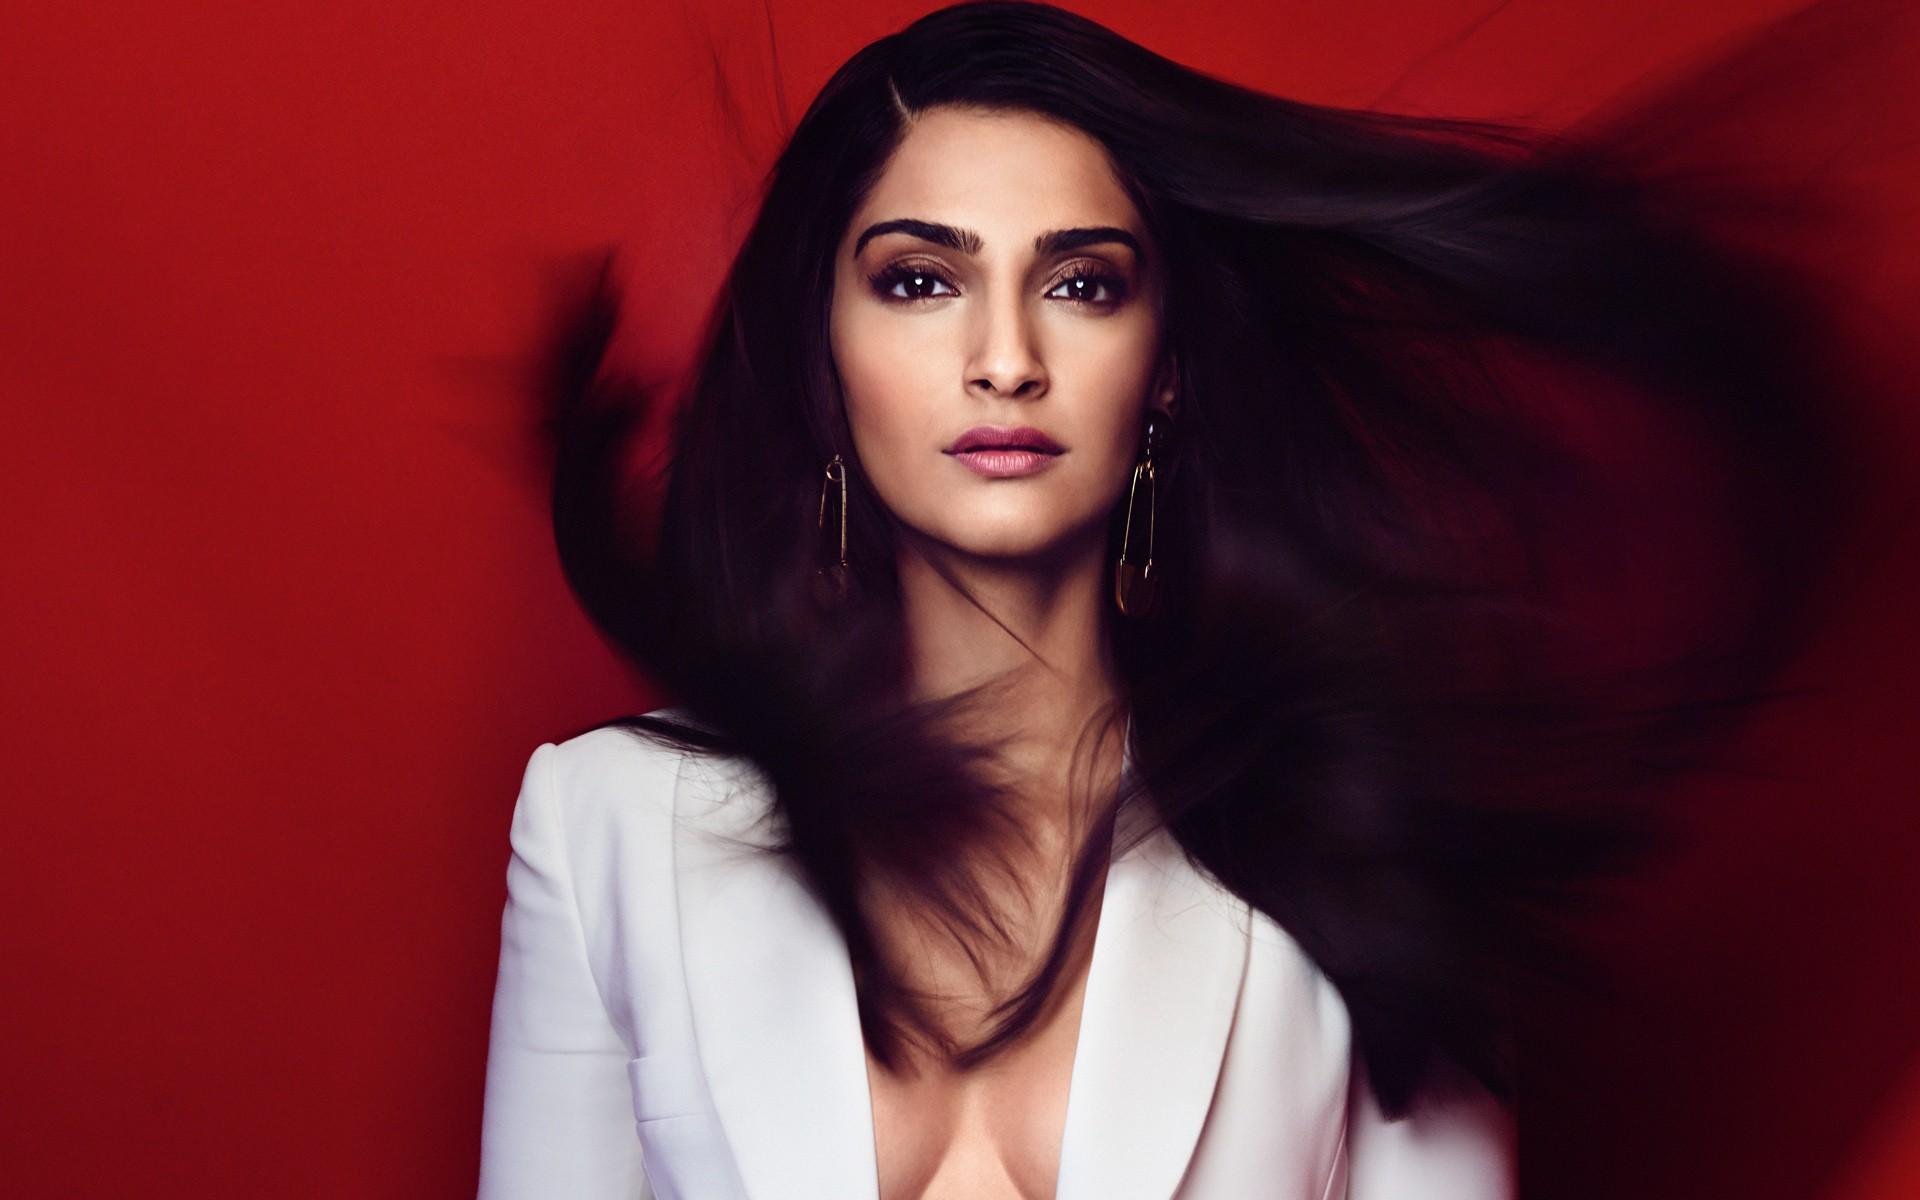 Sonam Kapoor, HD Indian Celebrities, 4k Wallpapers, Images